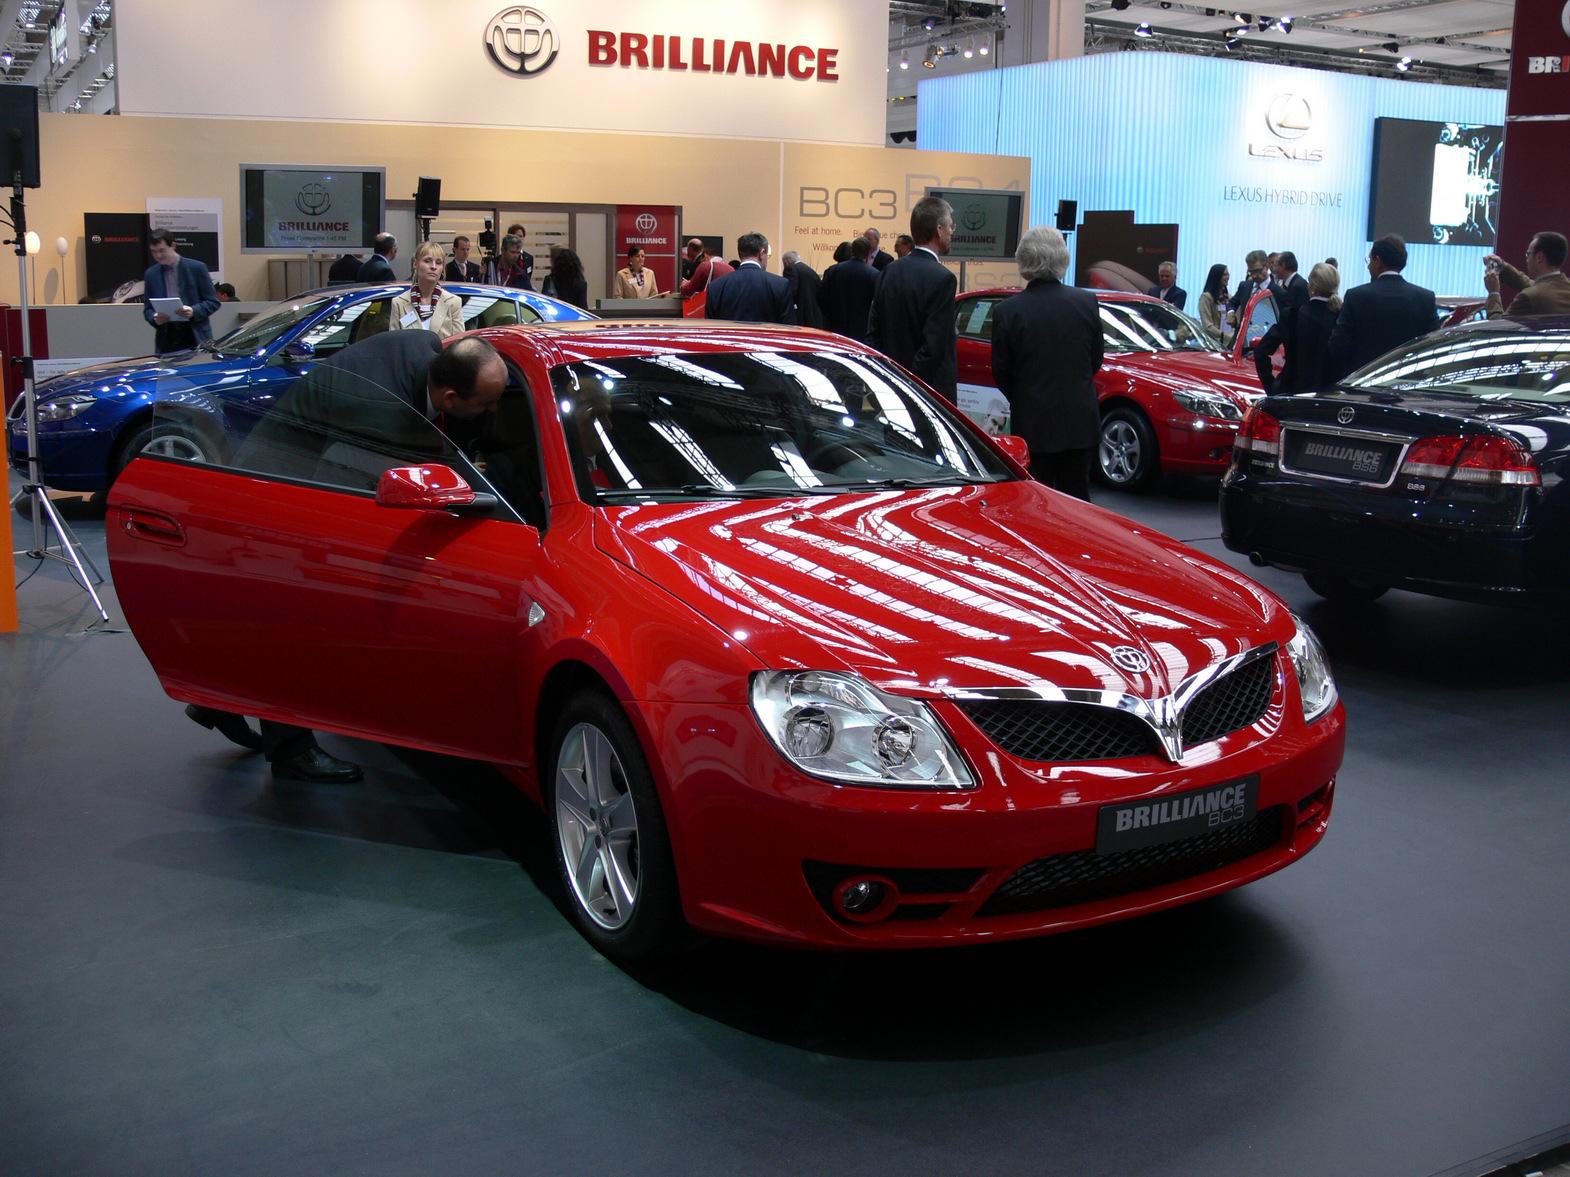 Китайский кроссовер Brilliance V6 без камуфляжной защиты?